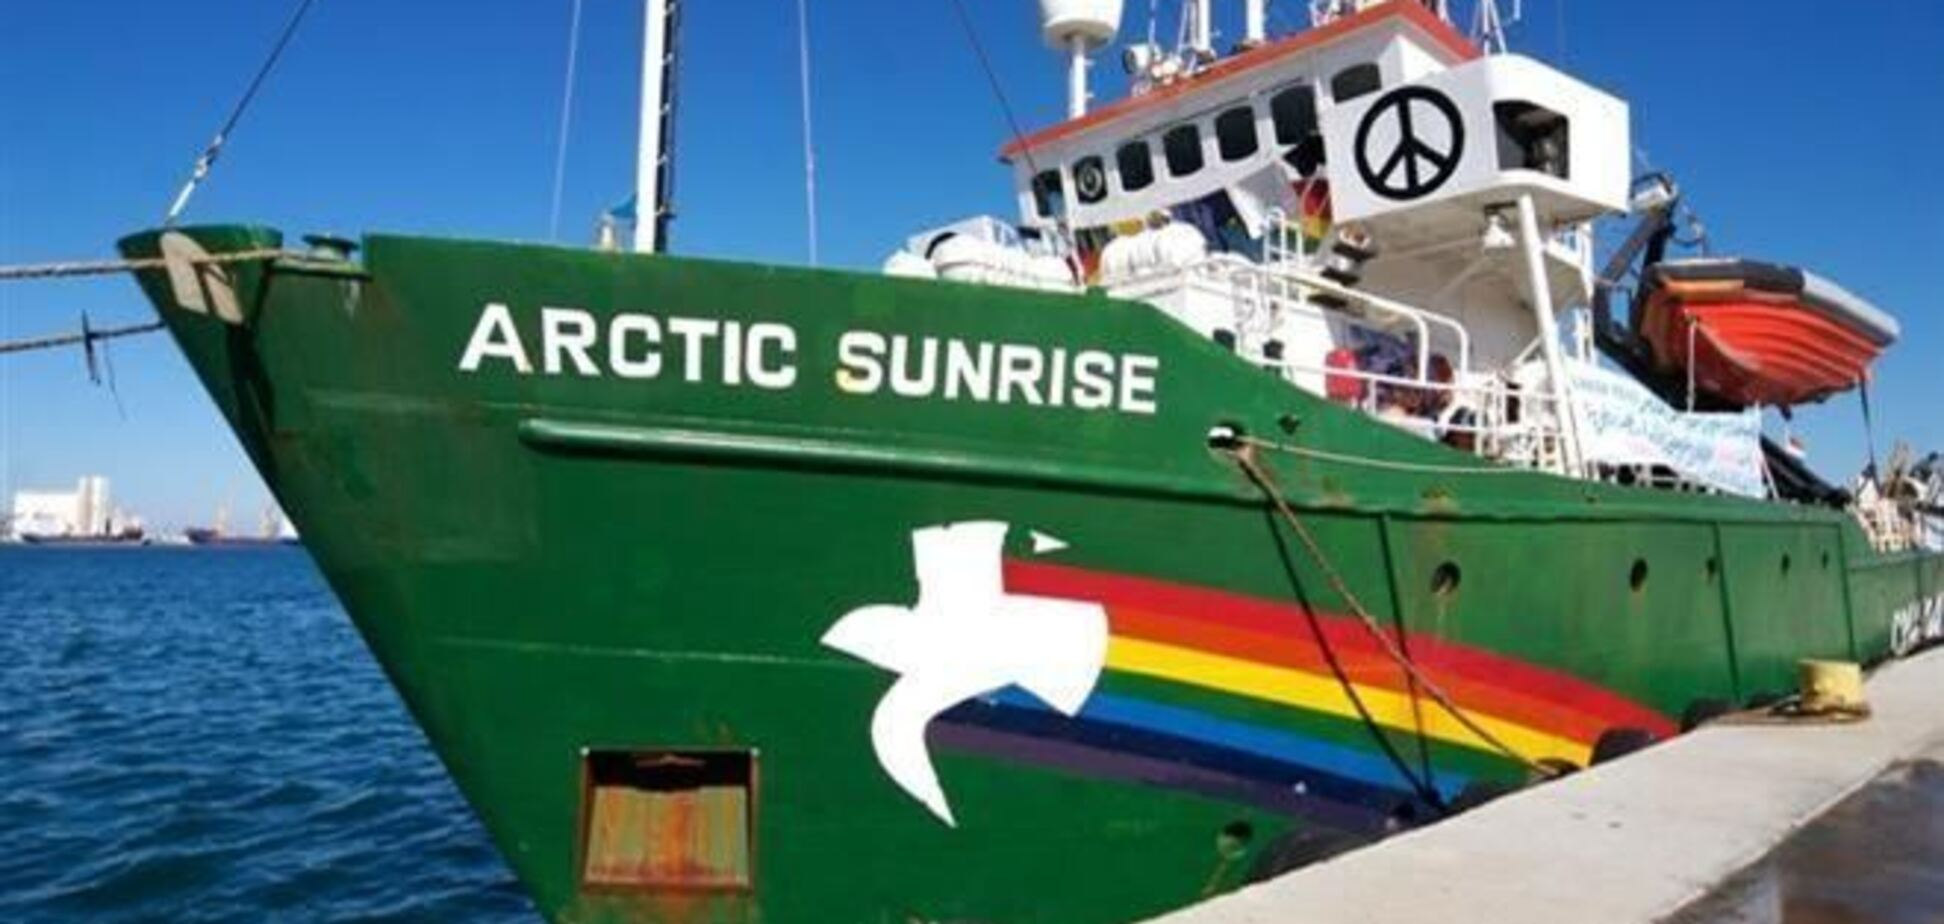 РФ не виконуватиме вердикт міжнародного трибуналу у справі Arctic Sunrise